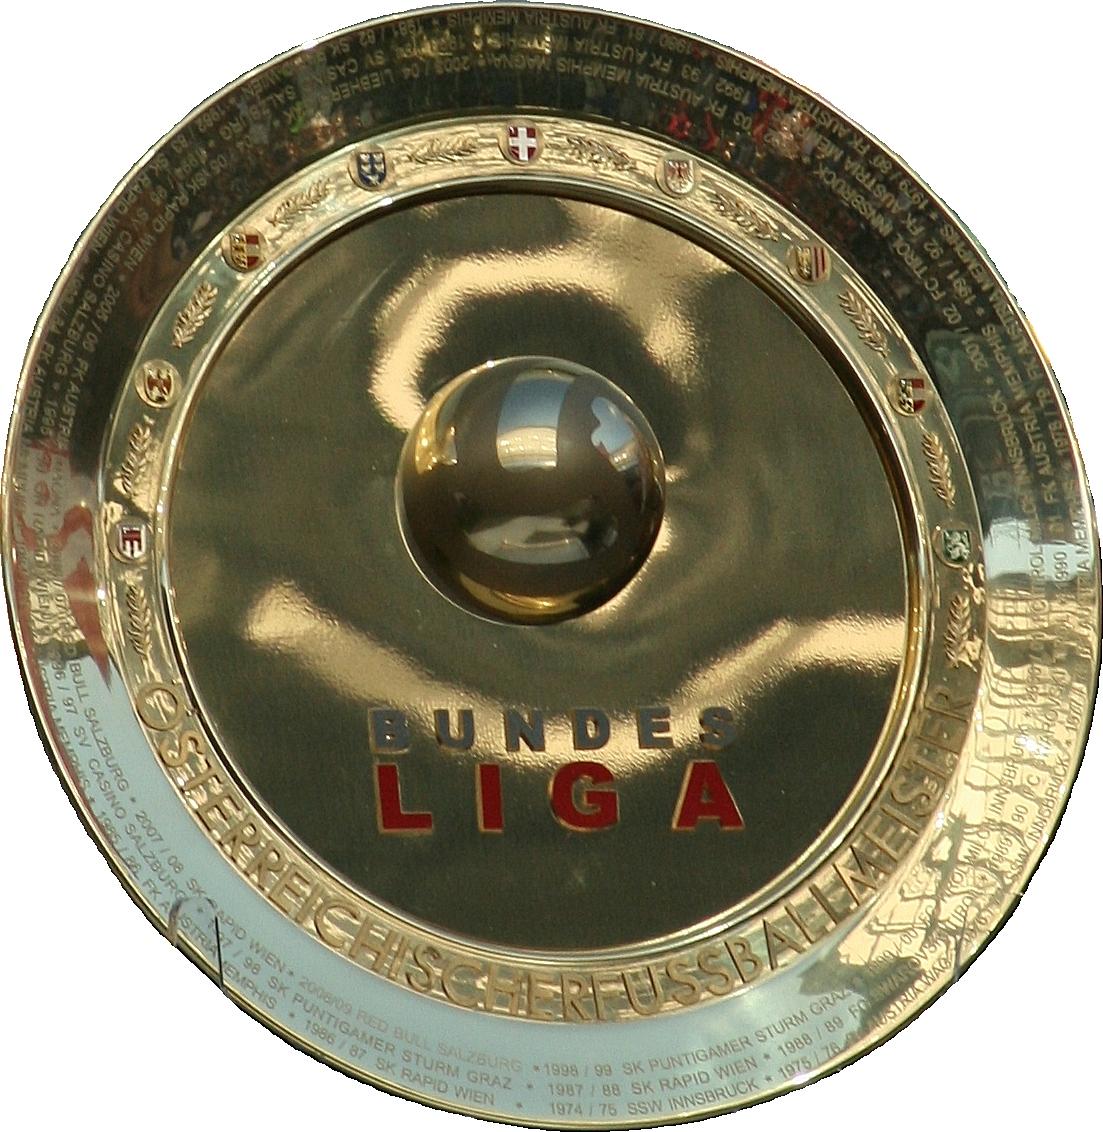 Oesterreichische Bundesliga